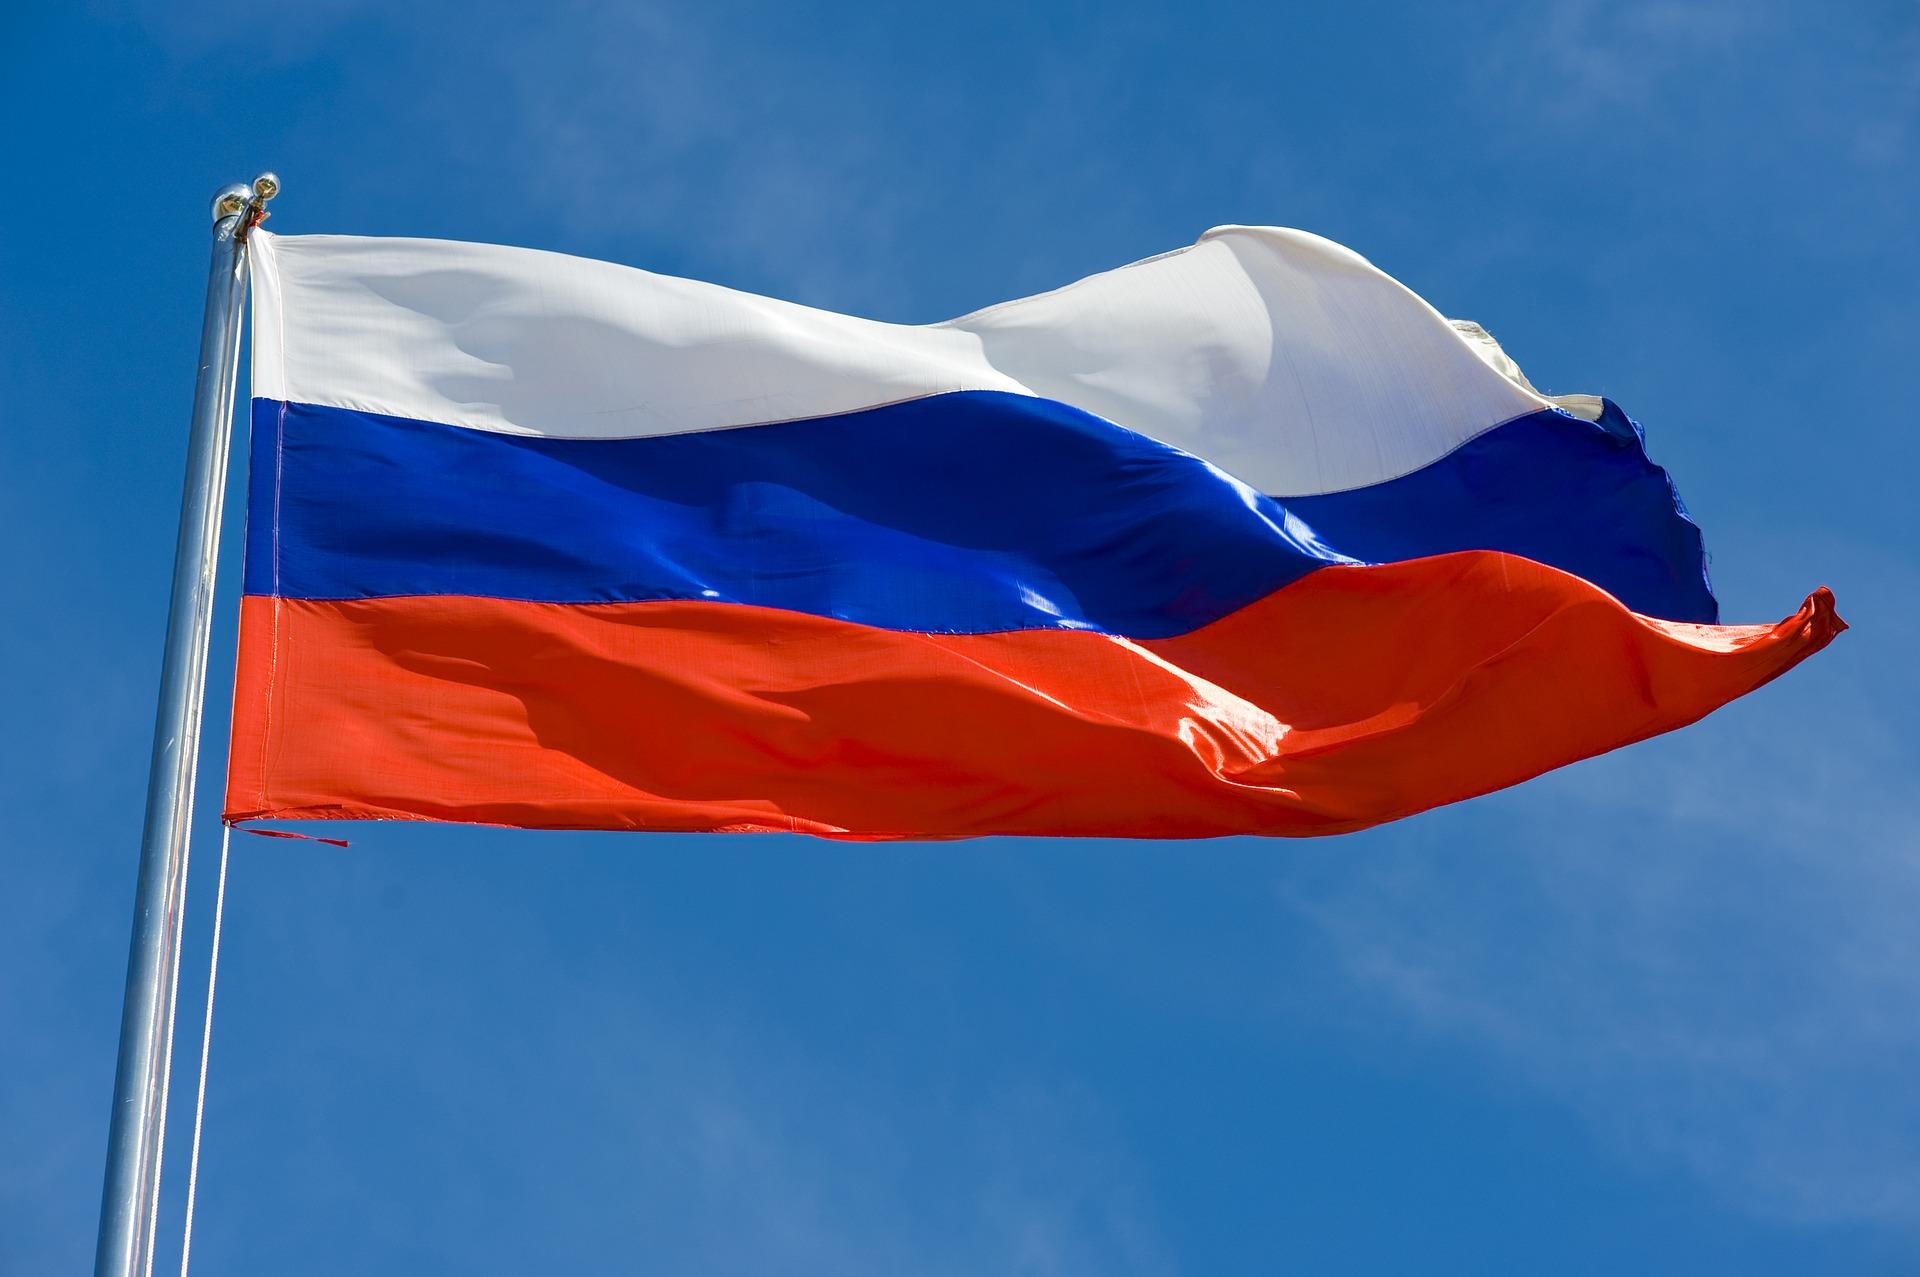 Ekonomiczno-polityczny wpływ sankcji na Rosję w latach 2014-2018